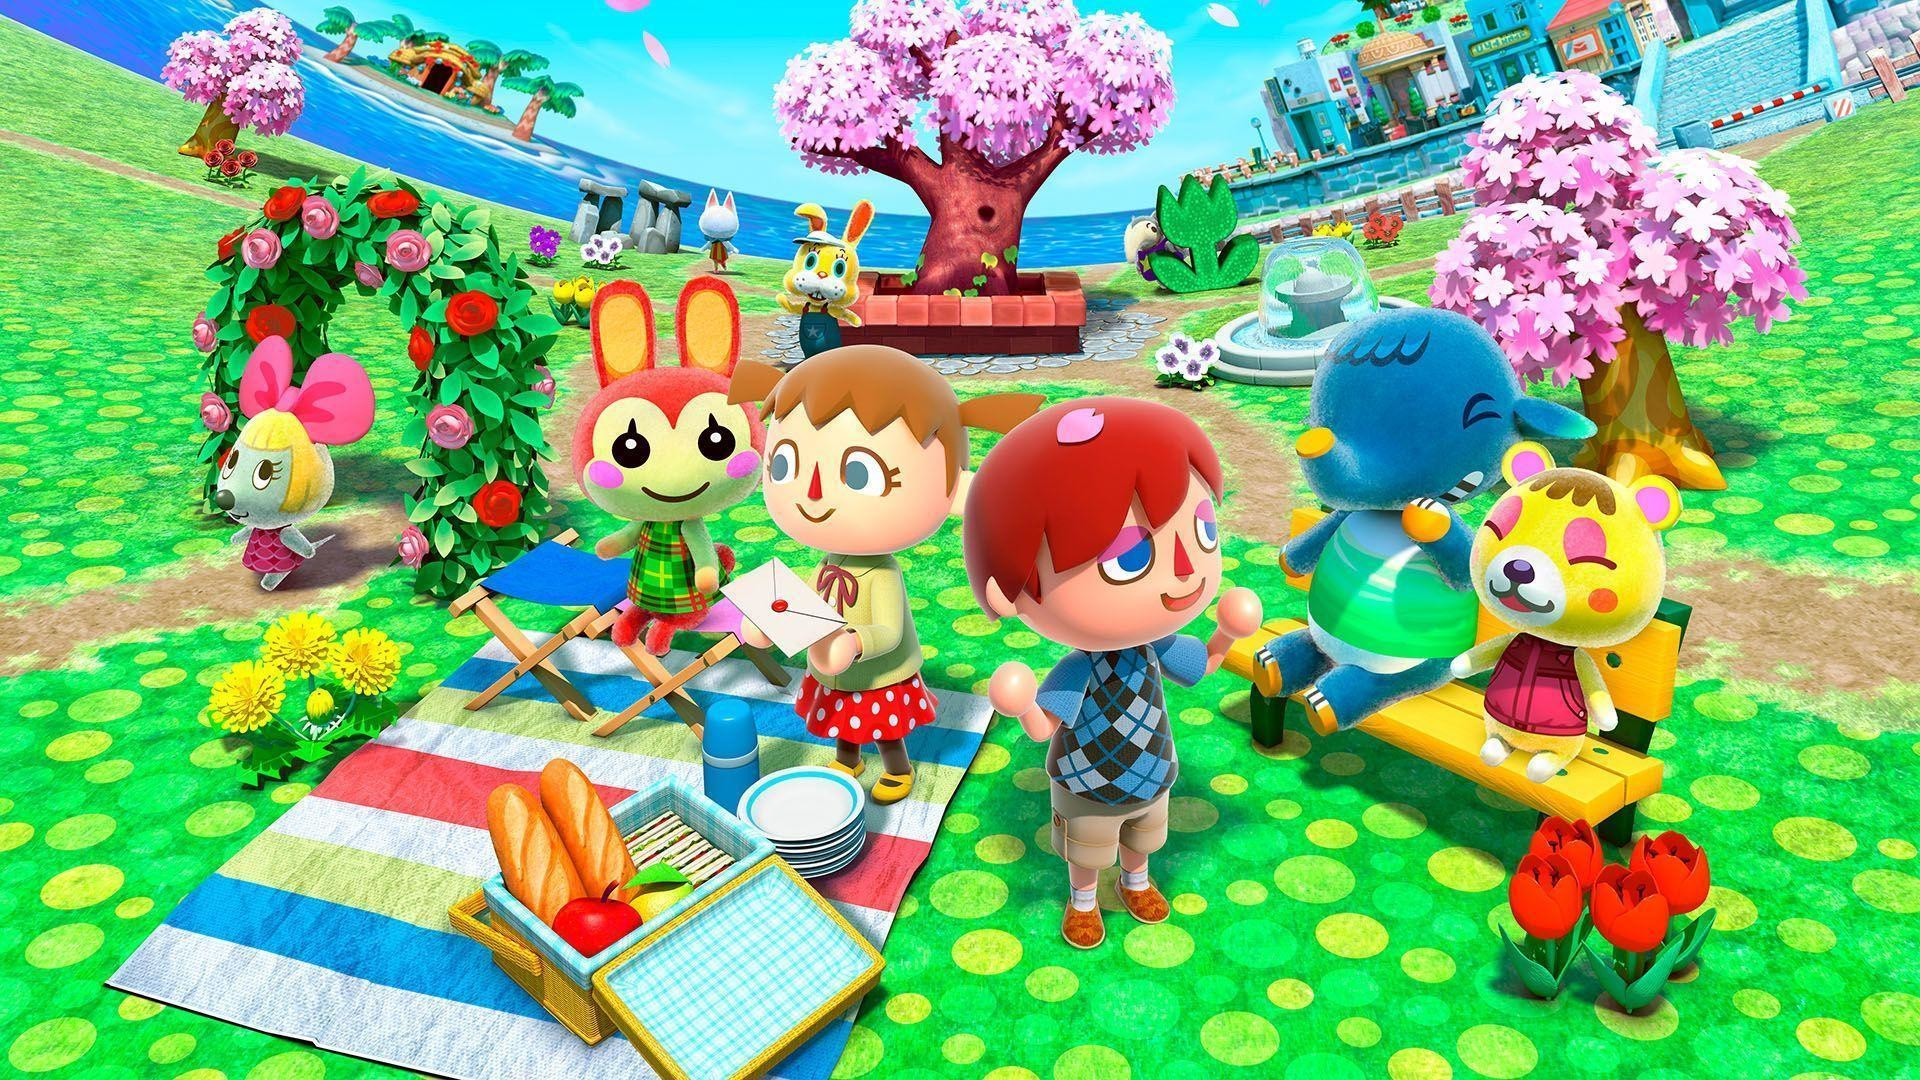 Animal Crossing HD Wallpaper – WallpaperSafari